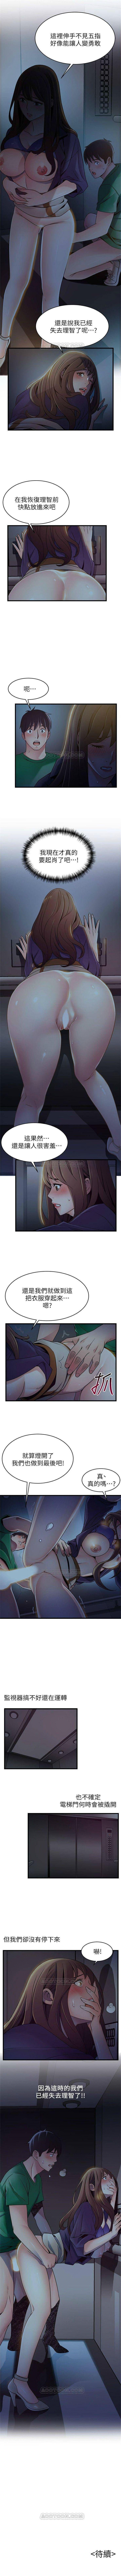 弱點 1-101 官方中文(連載中) 392